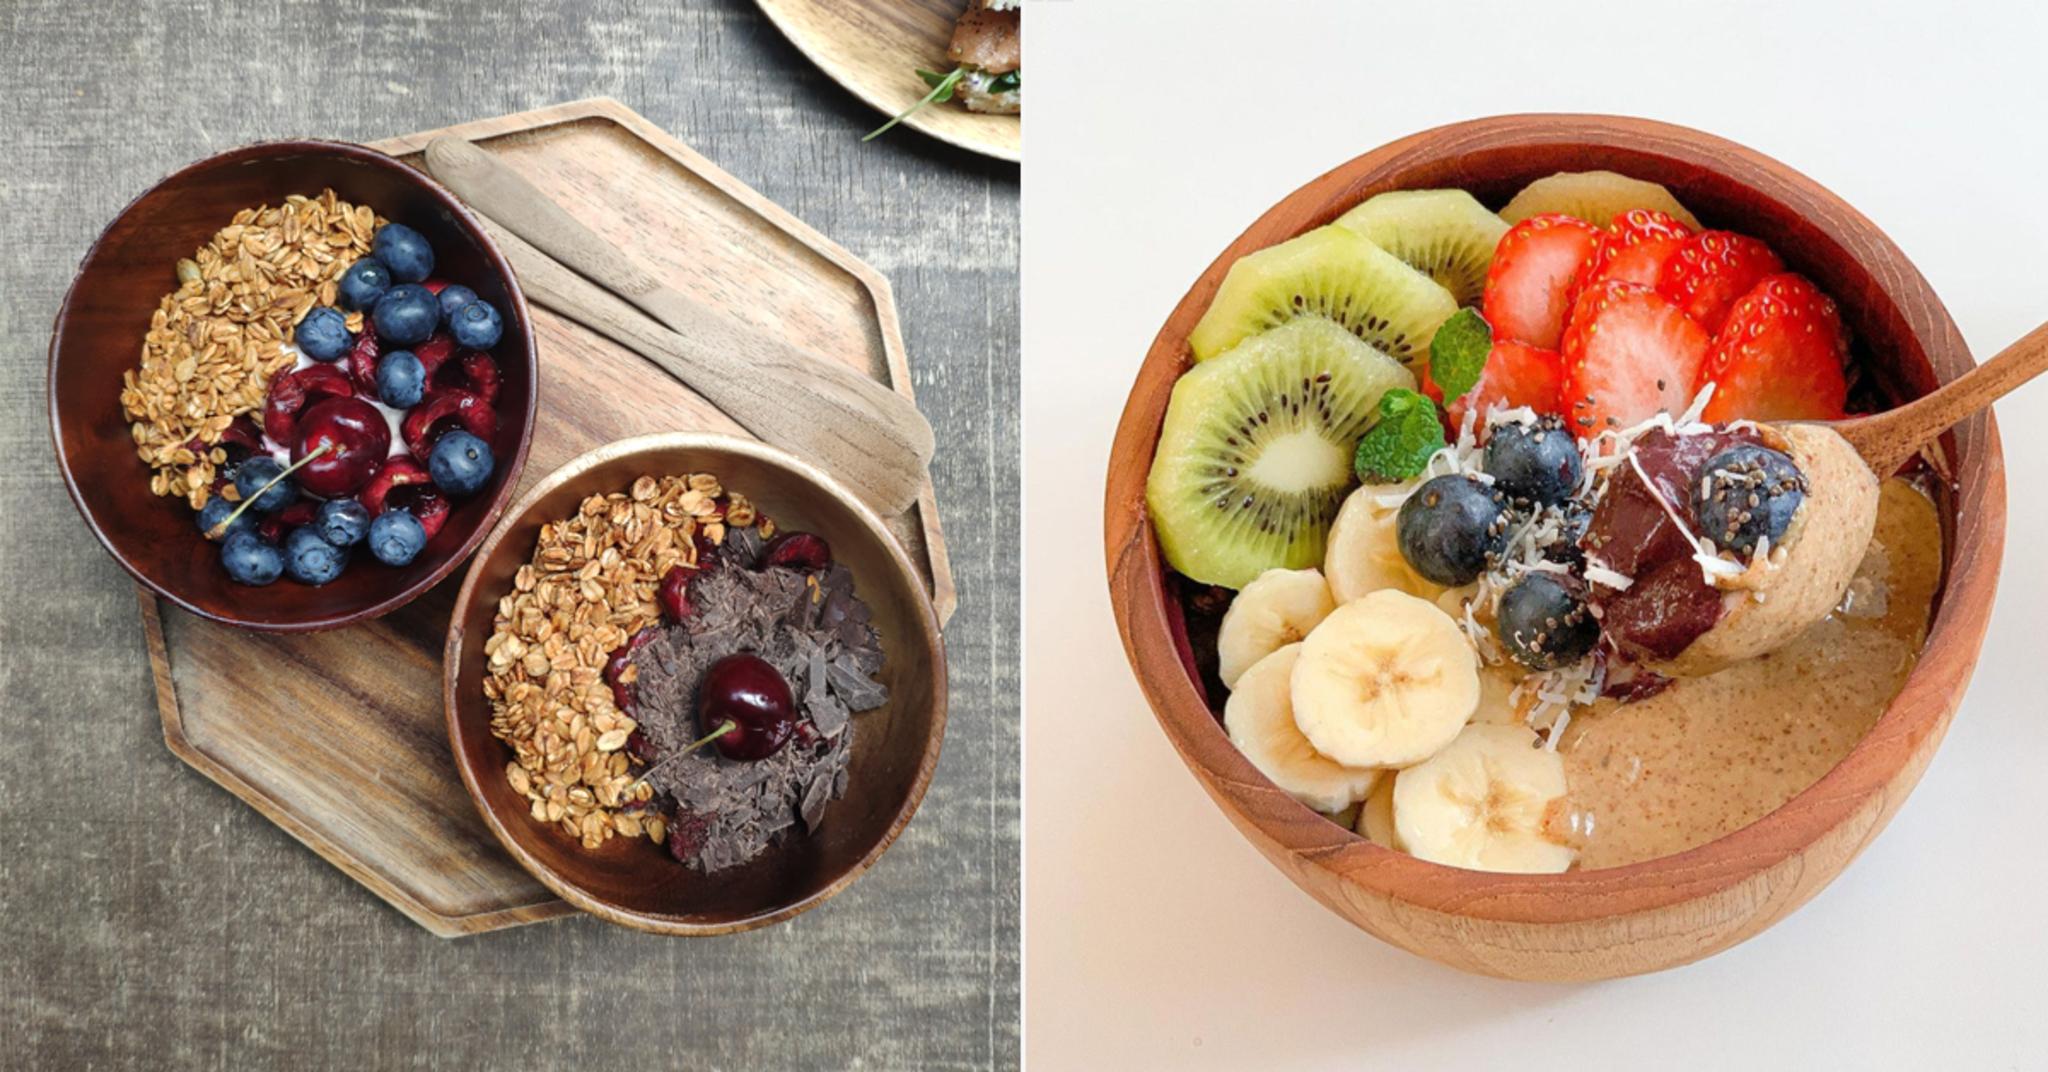 신년 계획! 다이어트 맛집 추천 6곳 사진 - 새해 계획은 자고로 #다이어트 아니겠어?